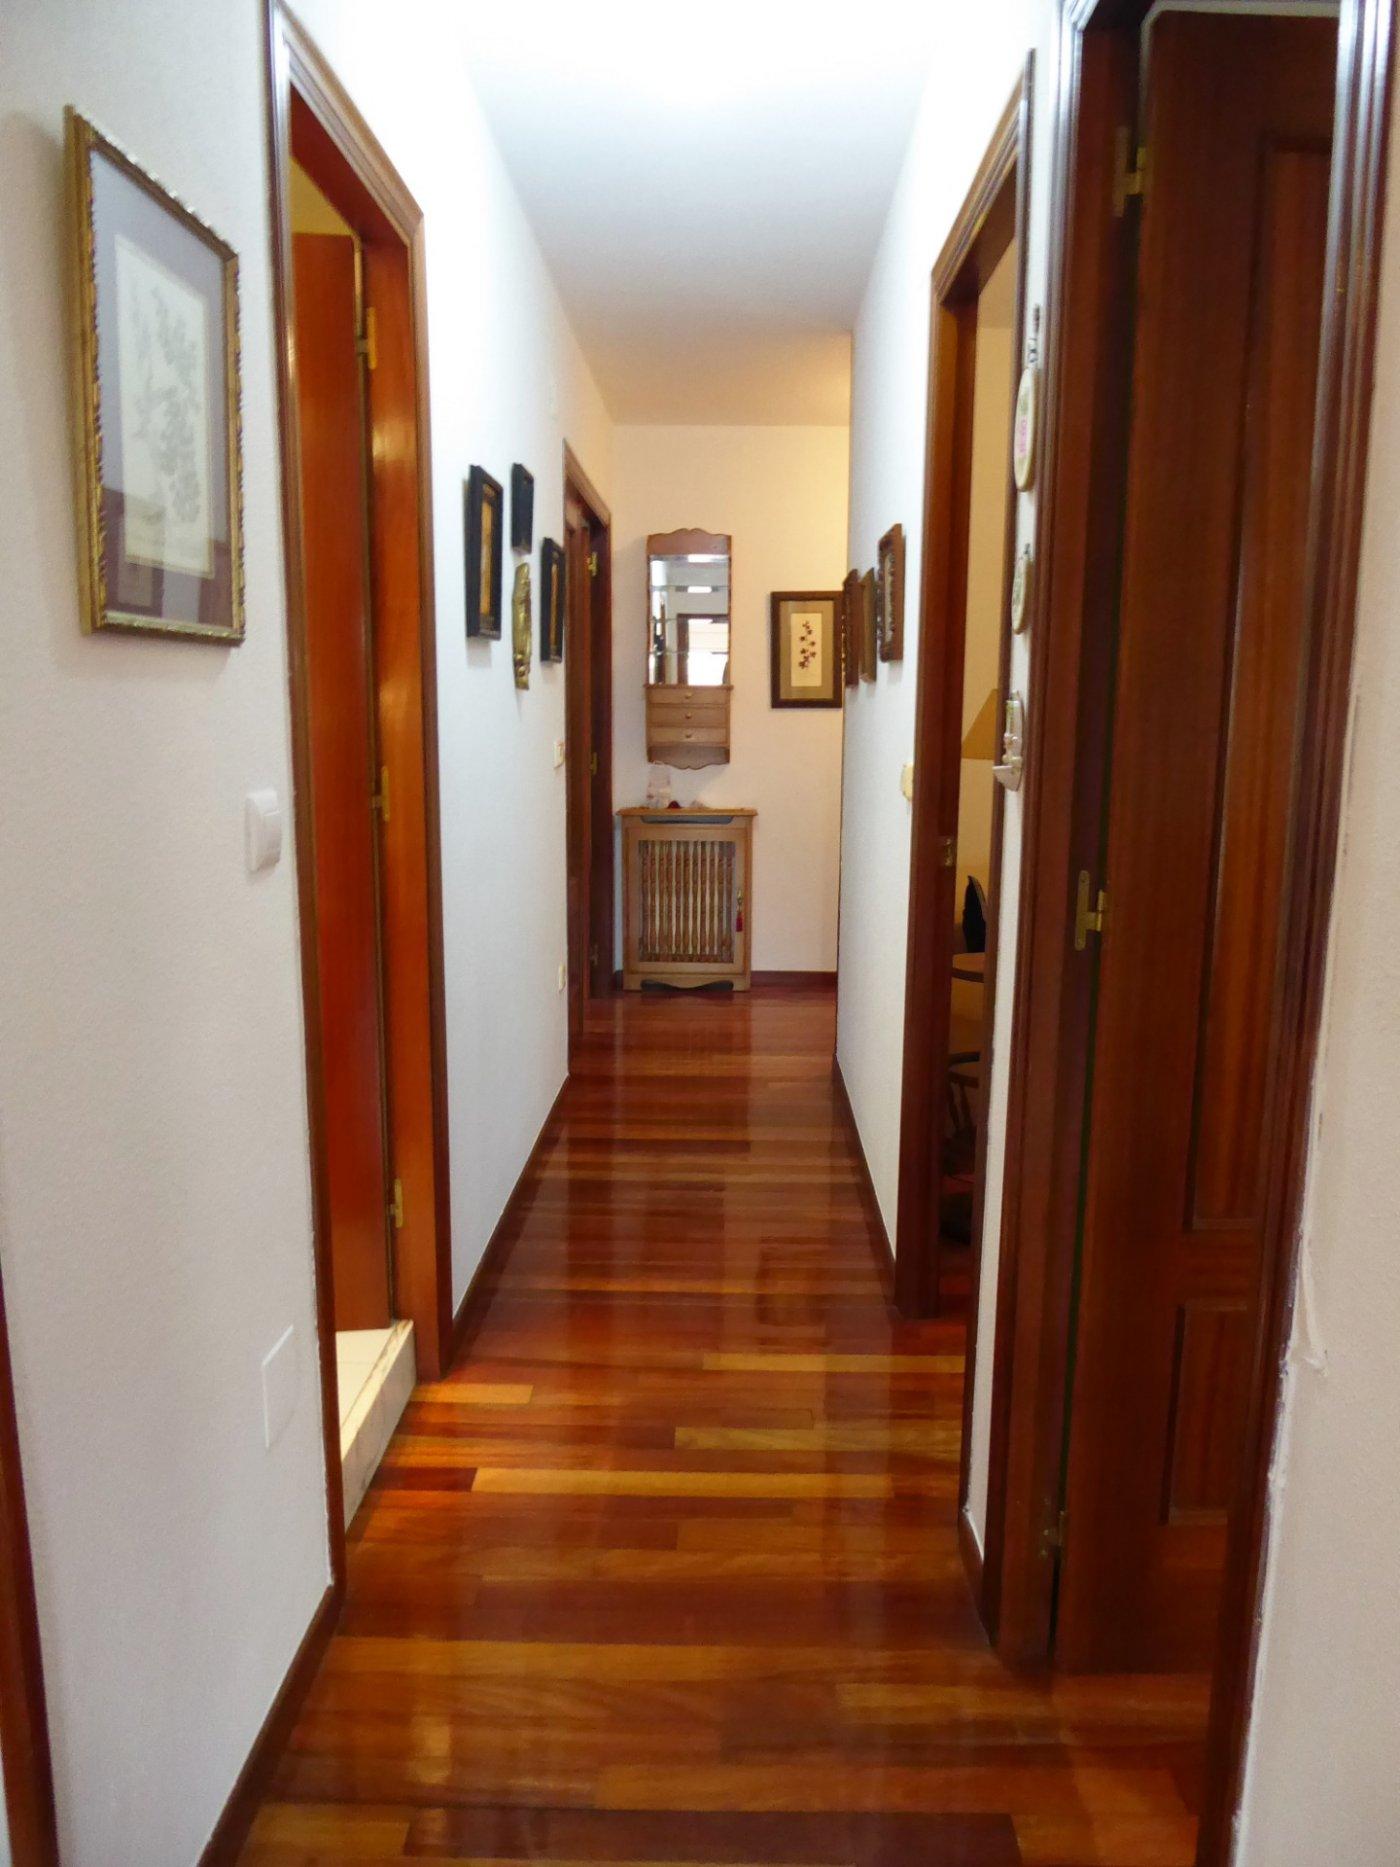 Alquiler de piso en gijon - imagenInmueble16